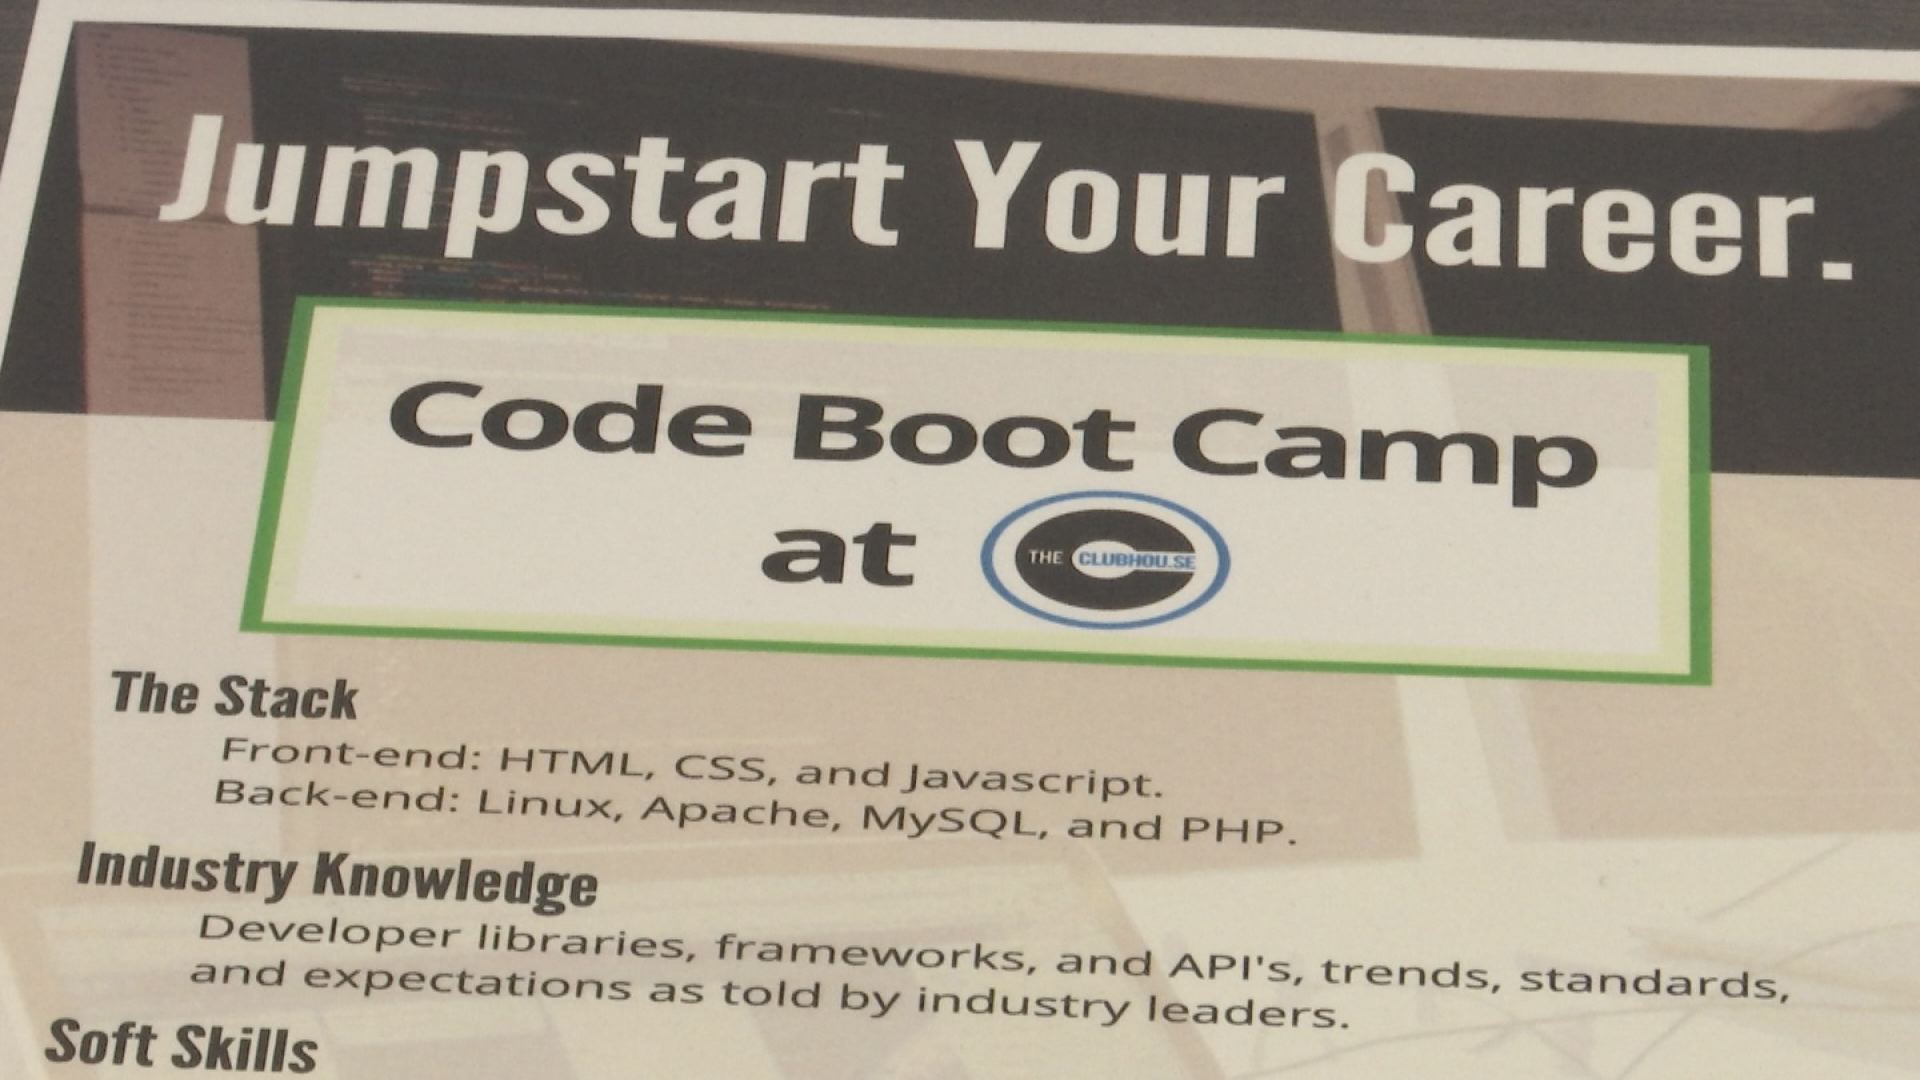 code boot camp3_1553304730885.jpg.jpg